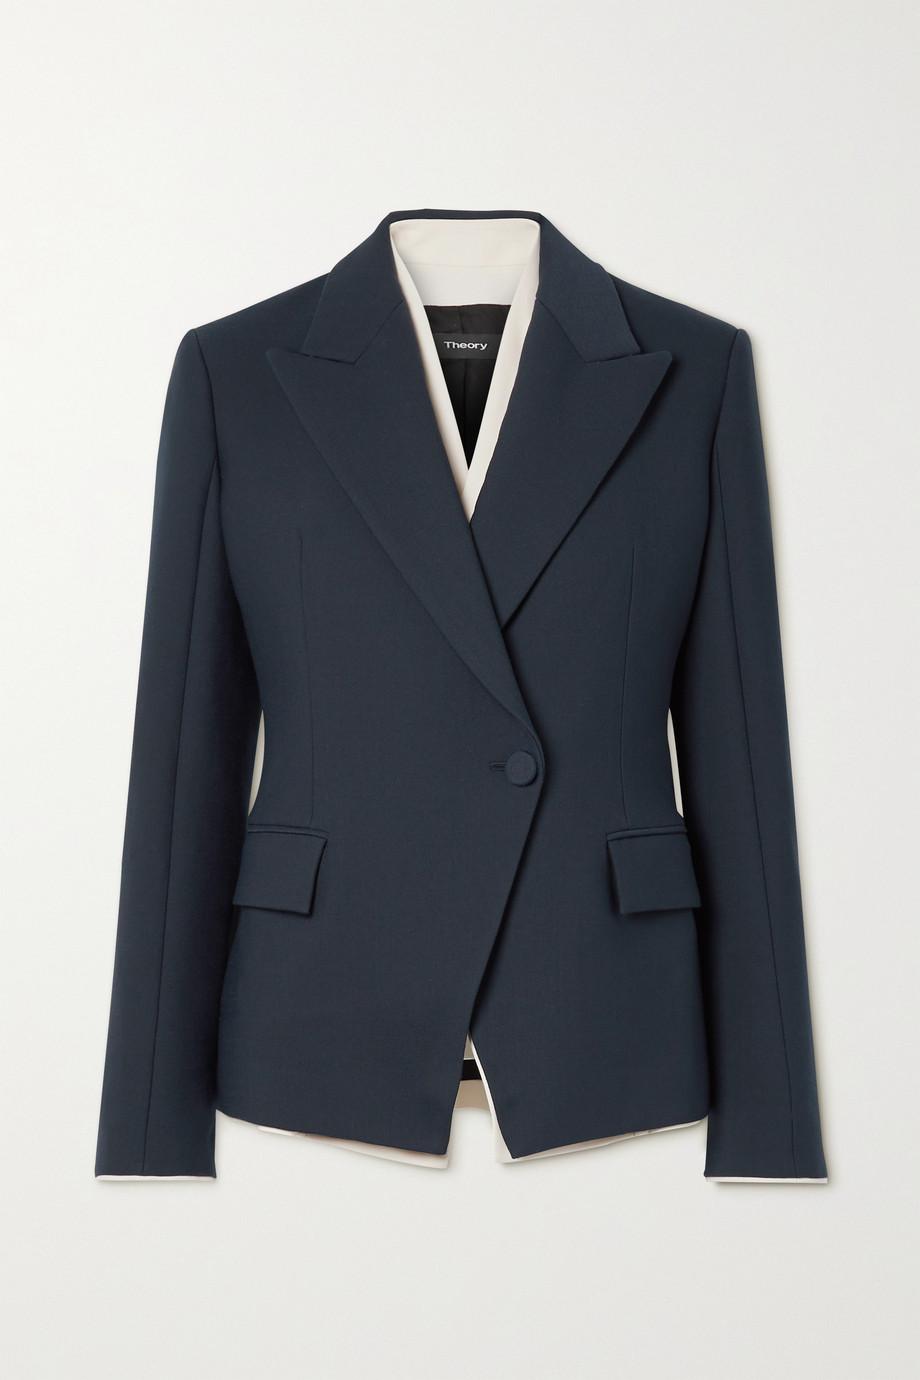 Theory Layered woven blazer